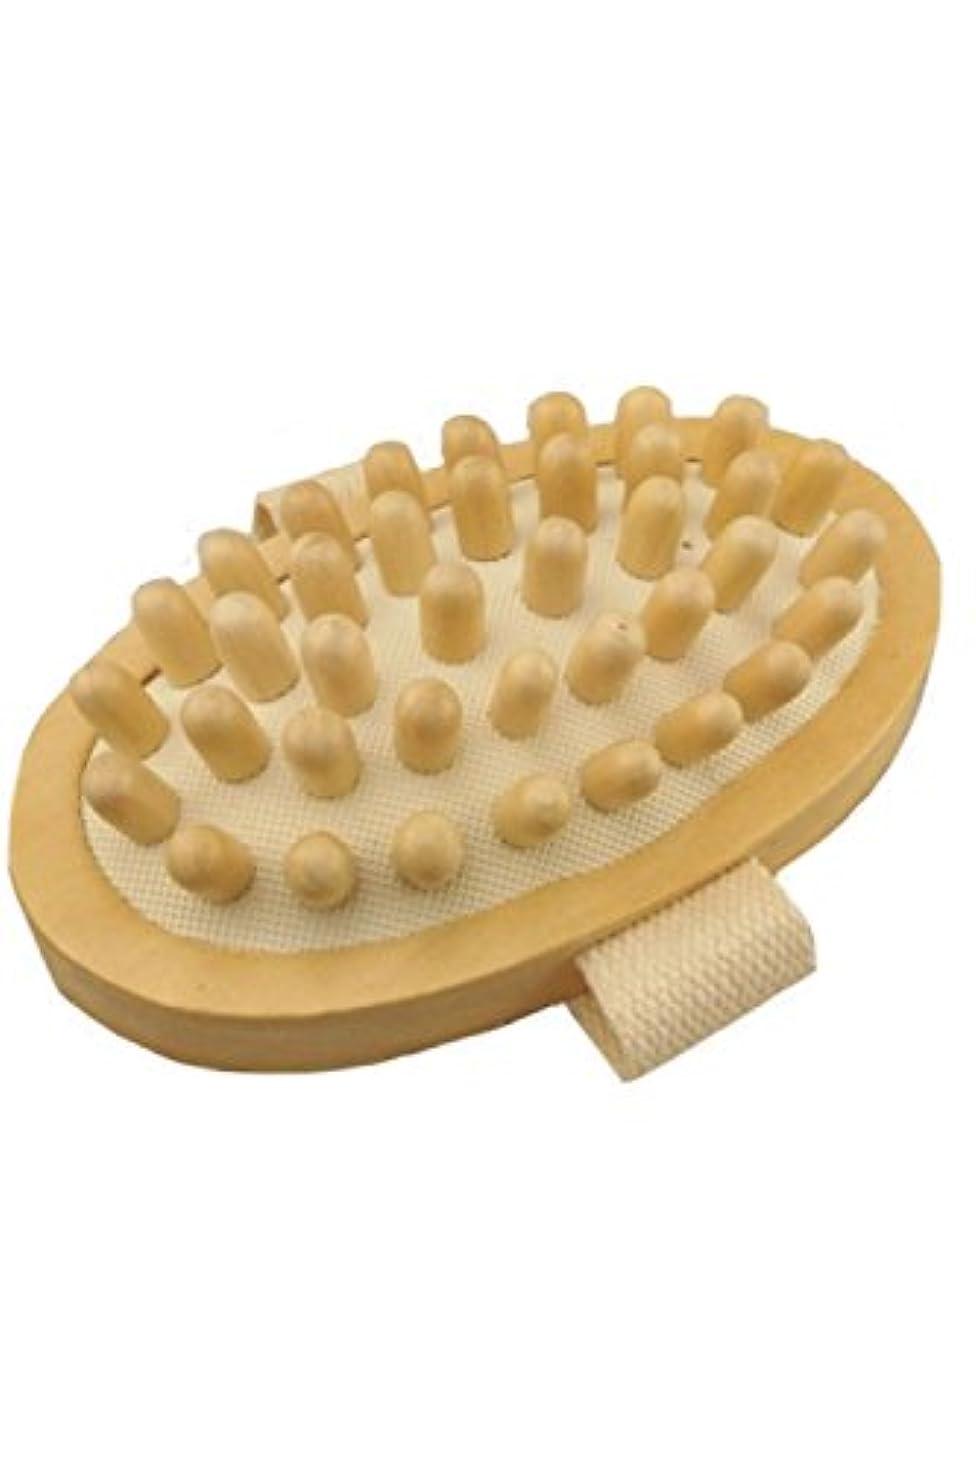 お風呂ガード定数(POMAIKAI) マッサージブラシ ボディ セルライト リンパ ボディーブラシ むくみ解消 お腹 足 脚 マッサージ 2個セット